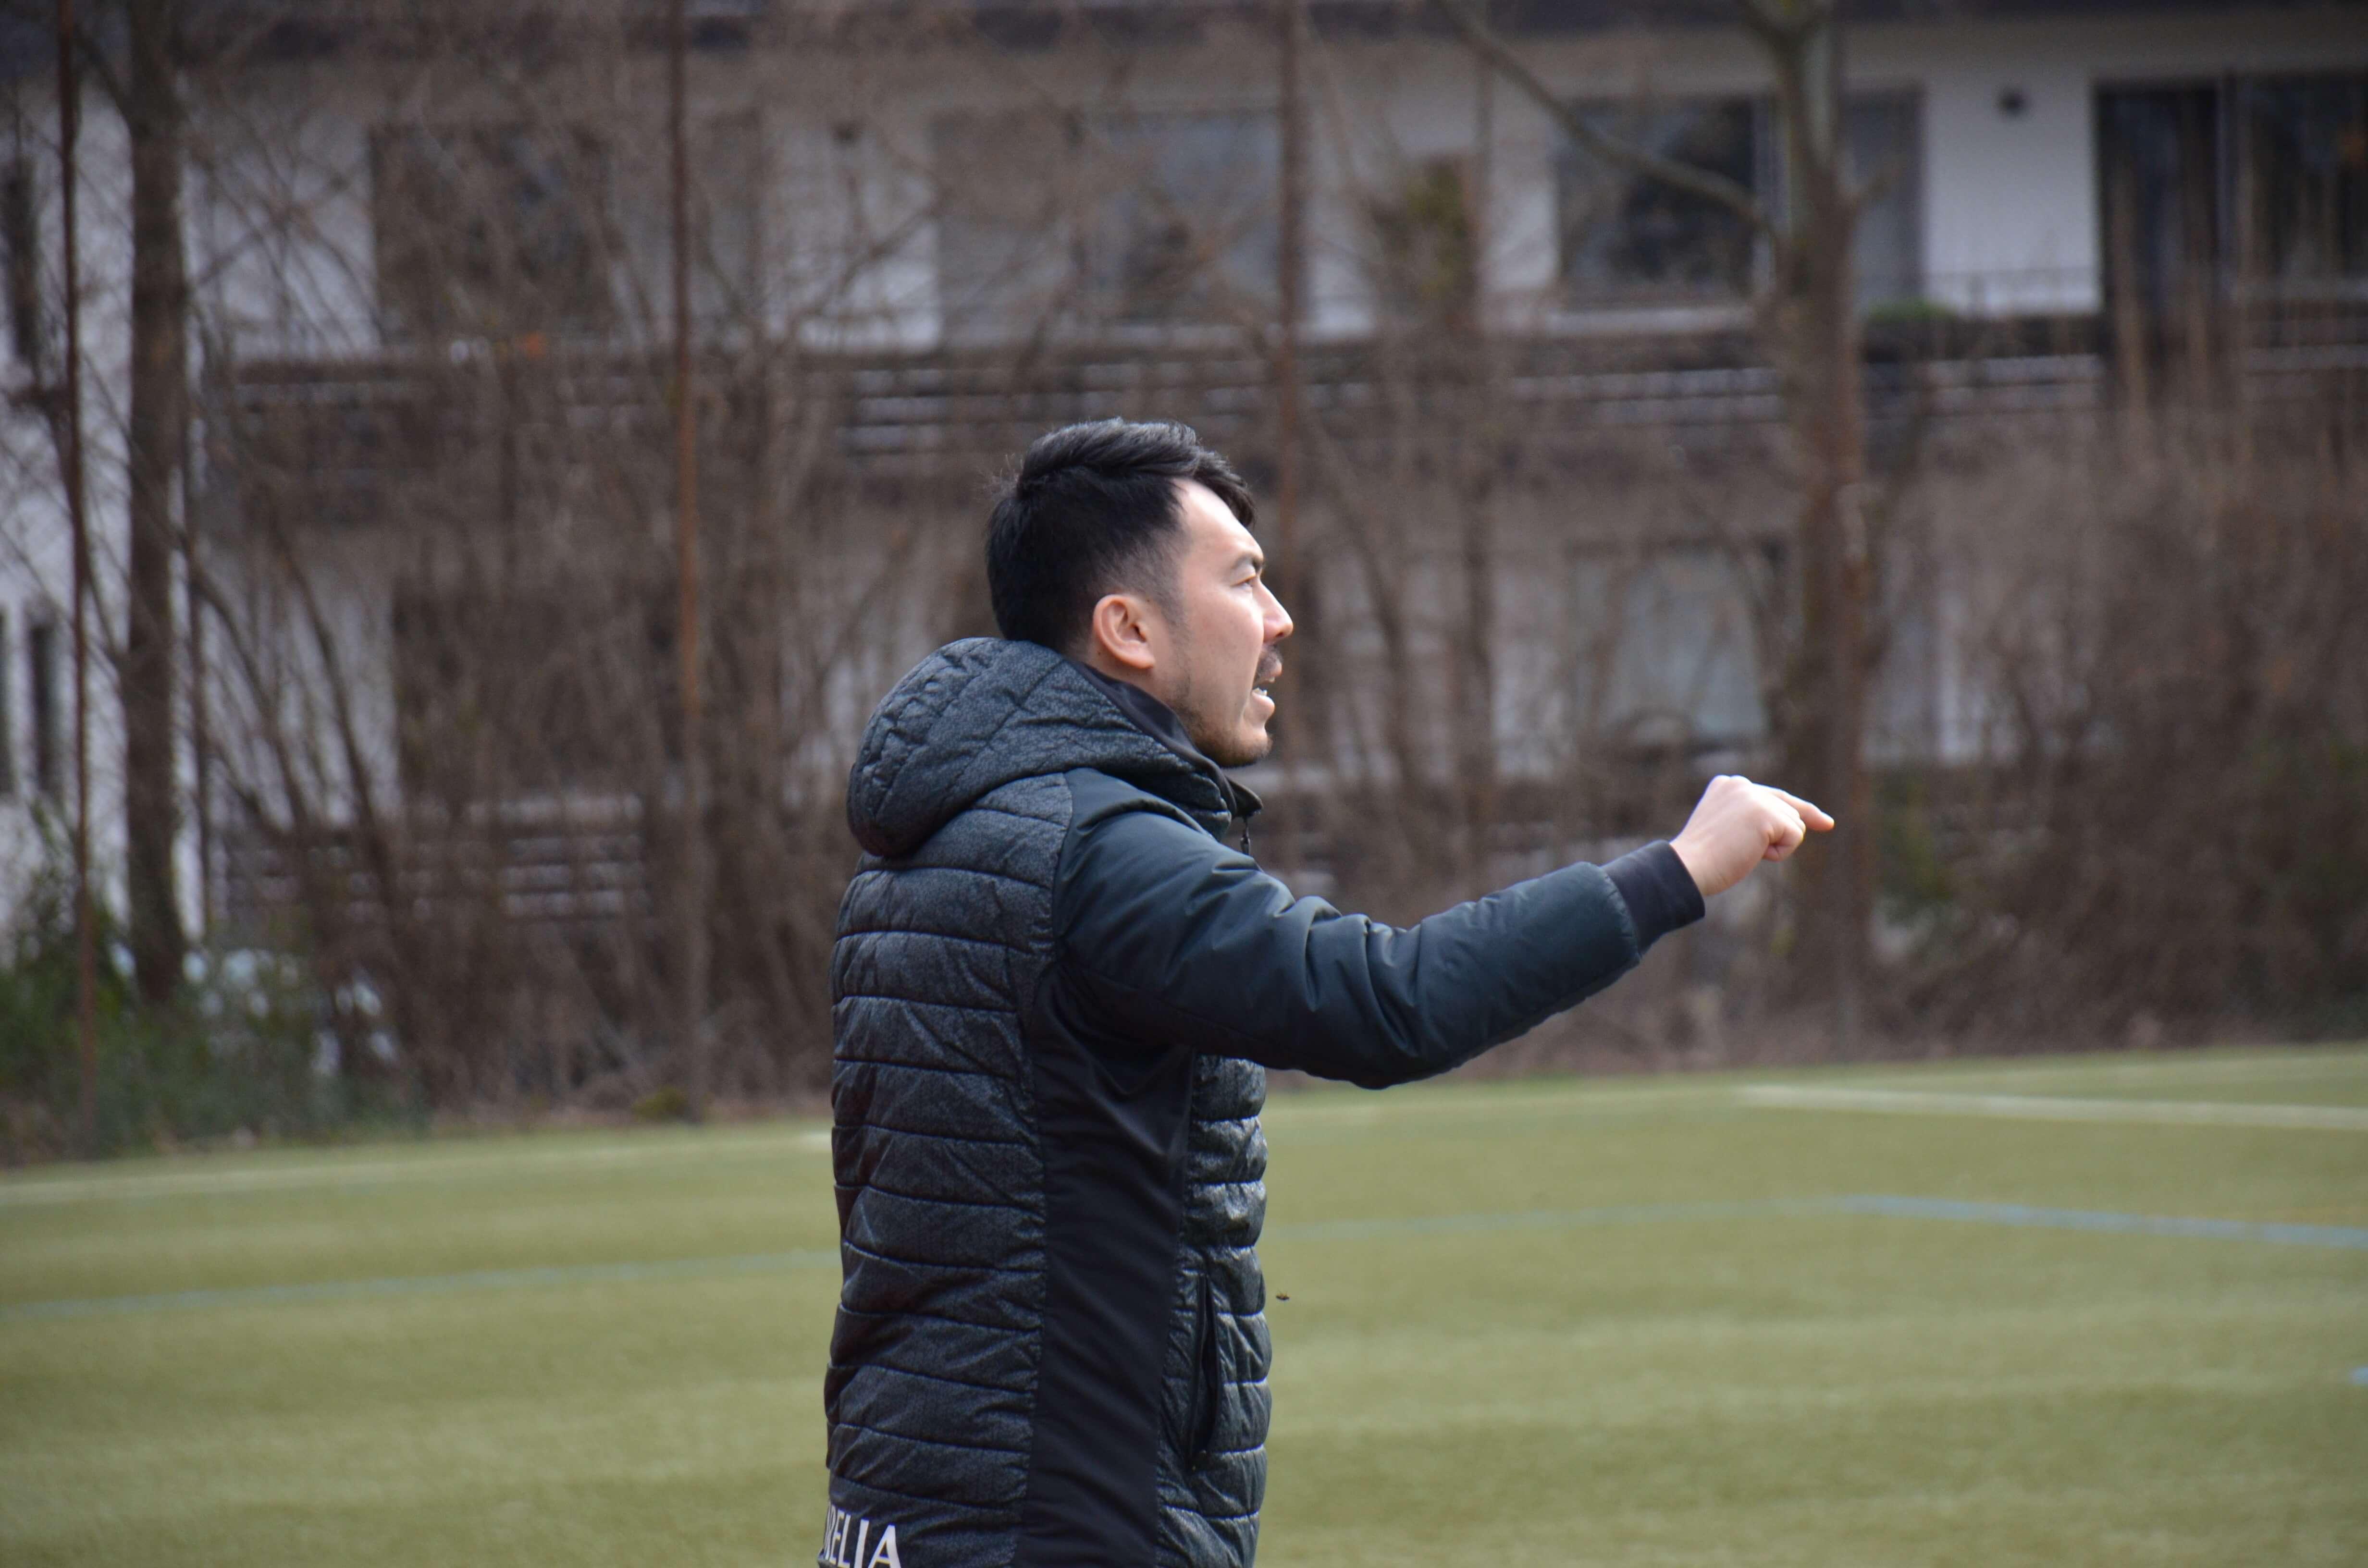 【試合後監督・選手コメント vs SV Morlautern】